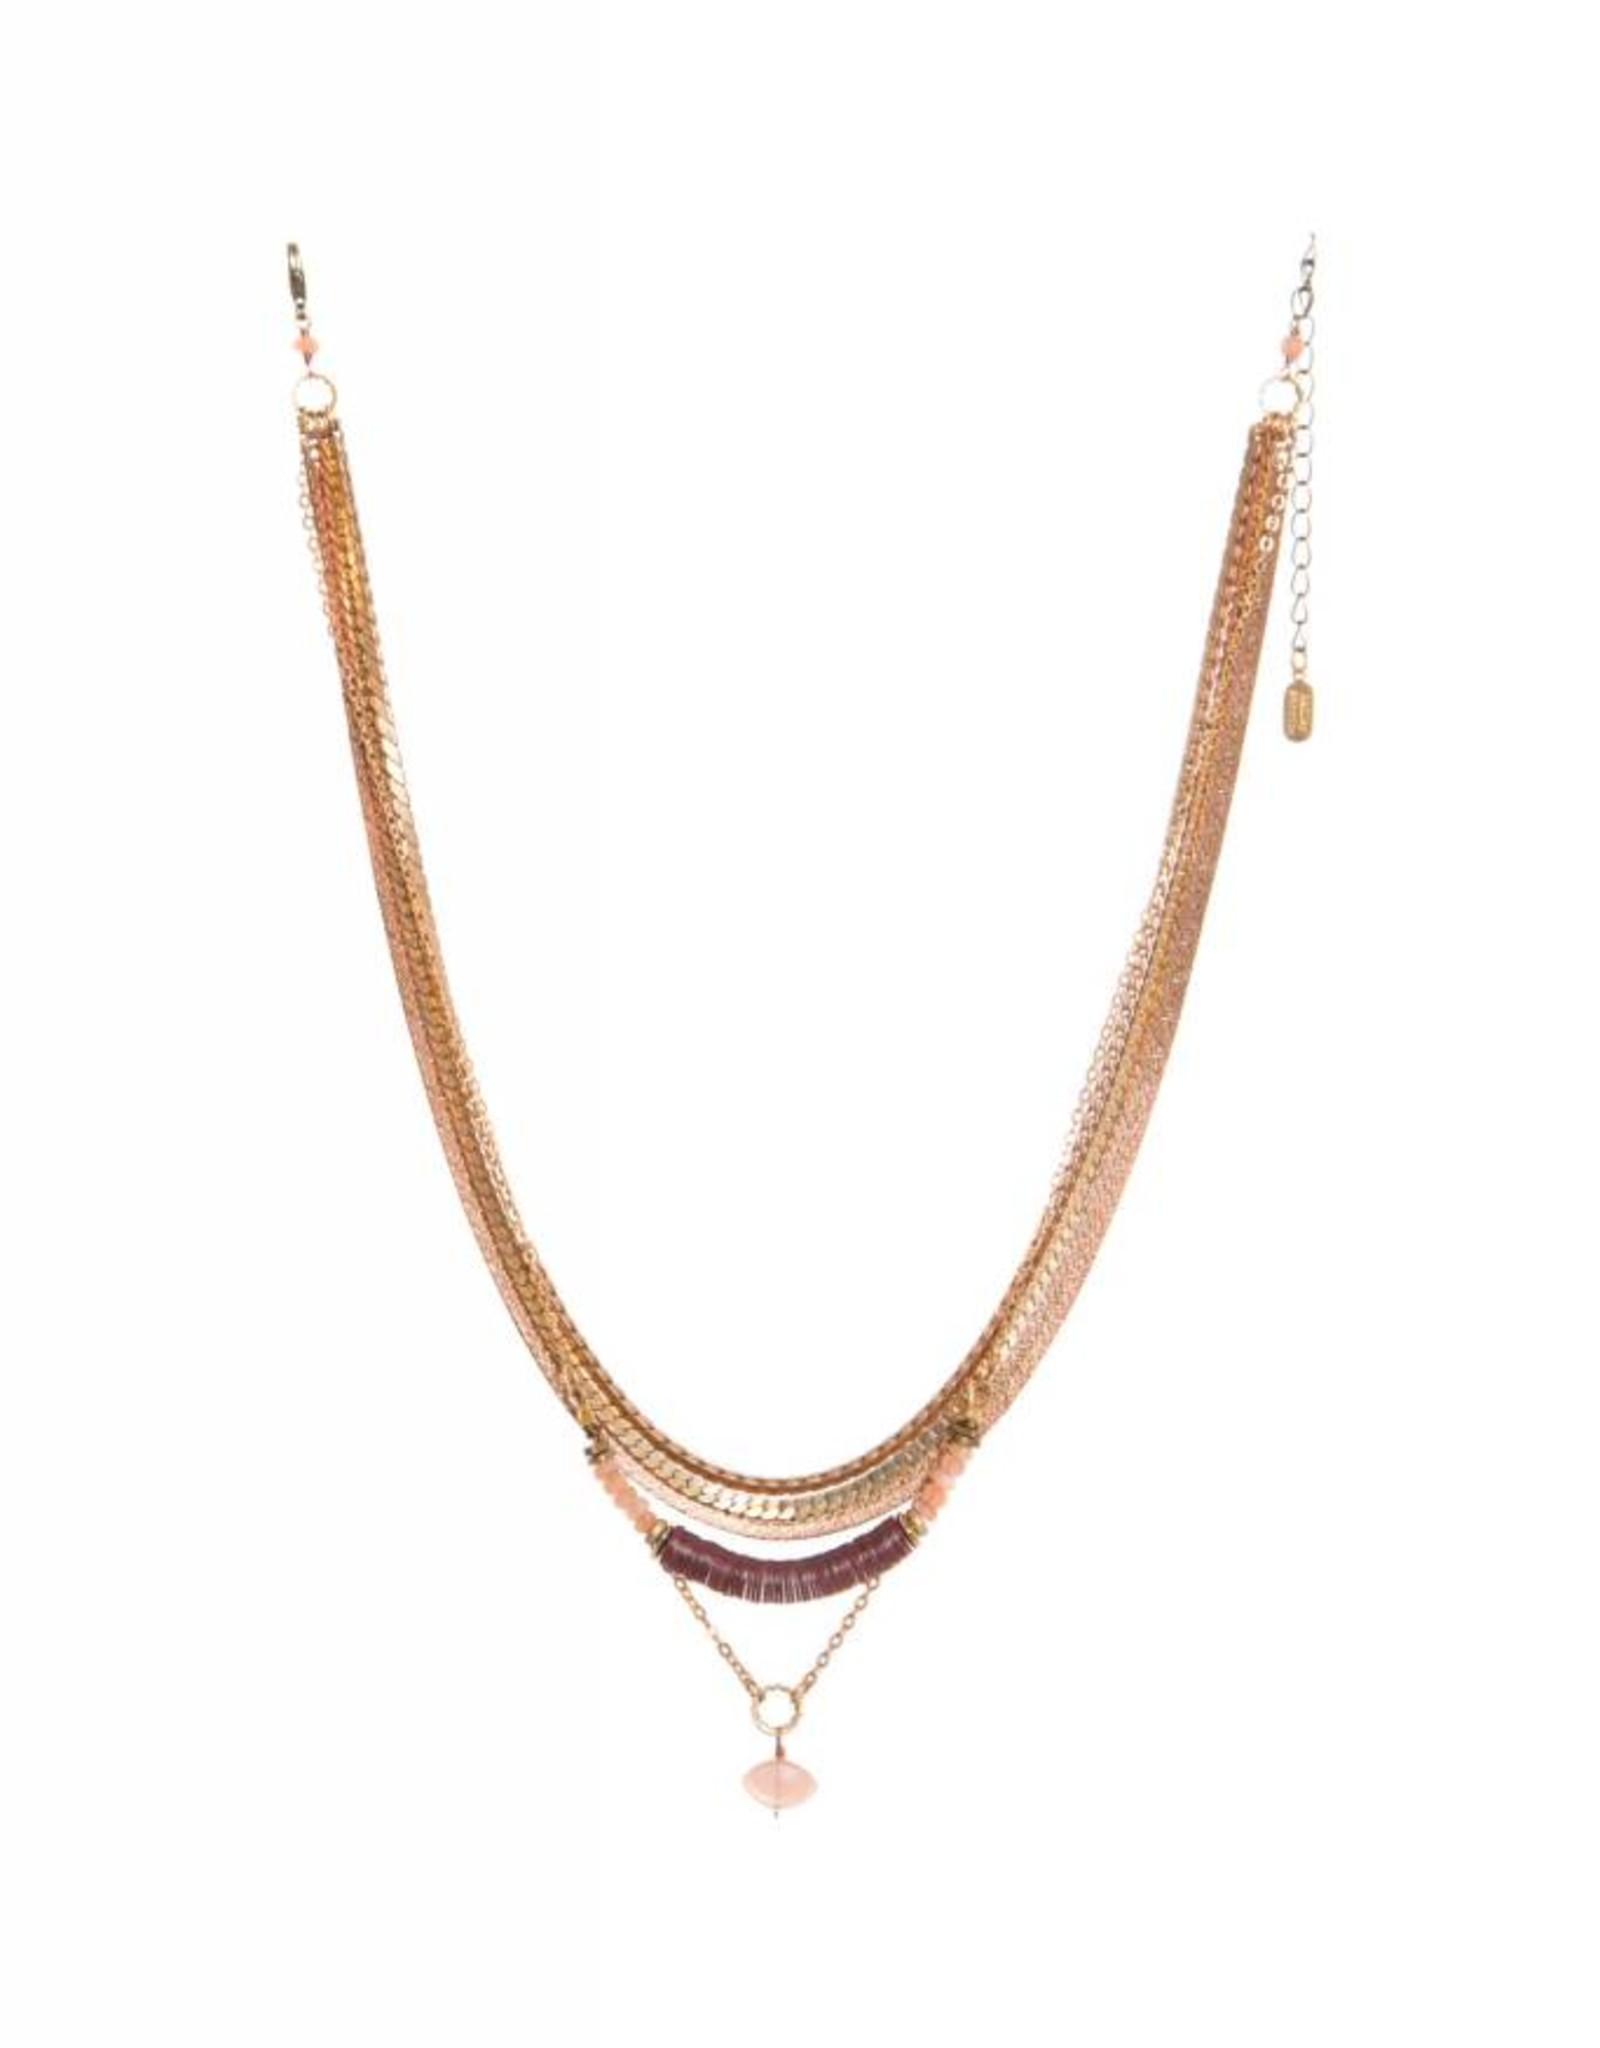 Hailey Gerrits Designs Juno Necklace - Peach Moonstone